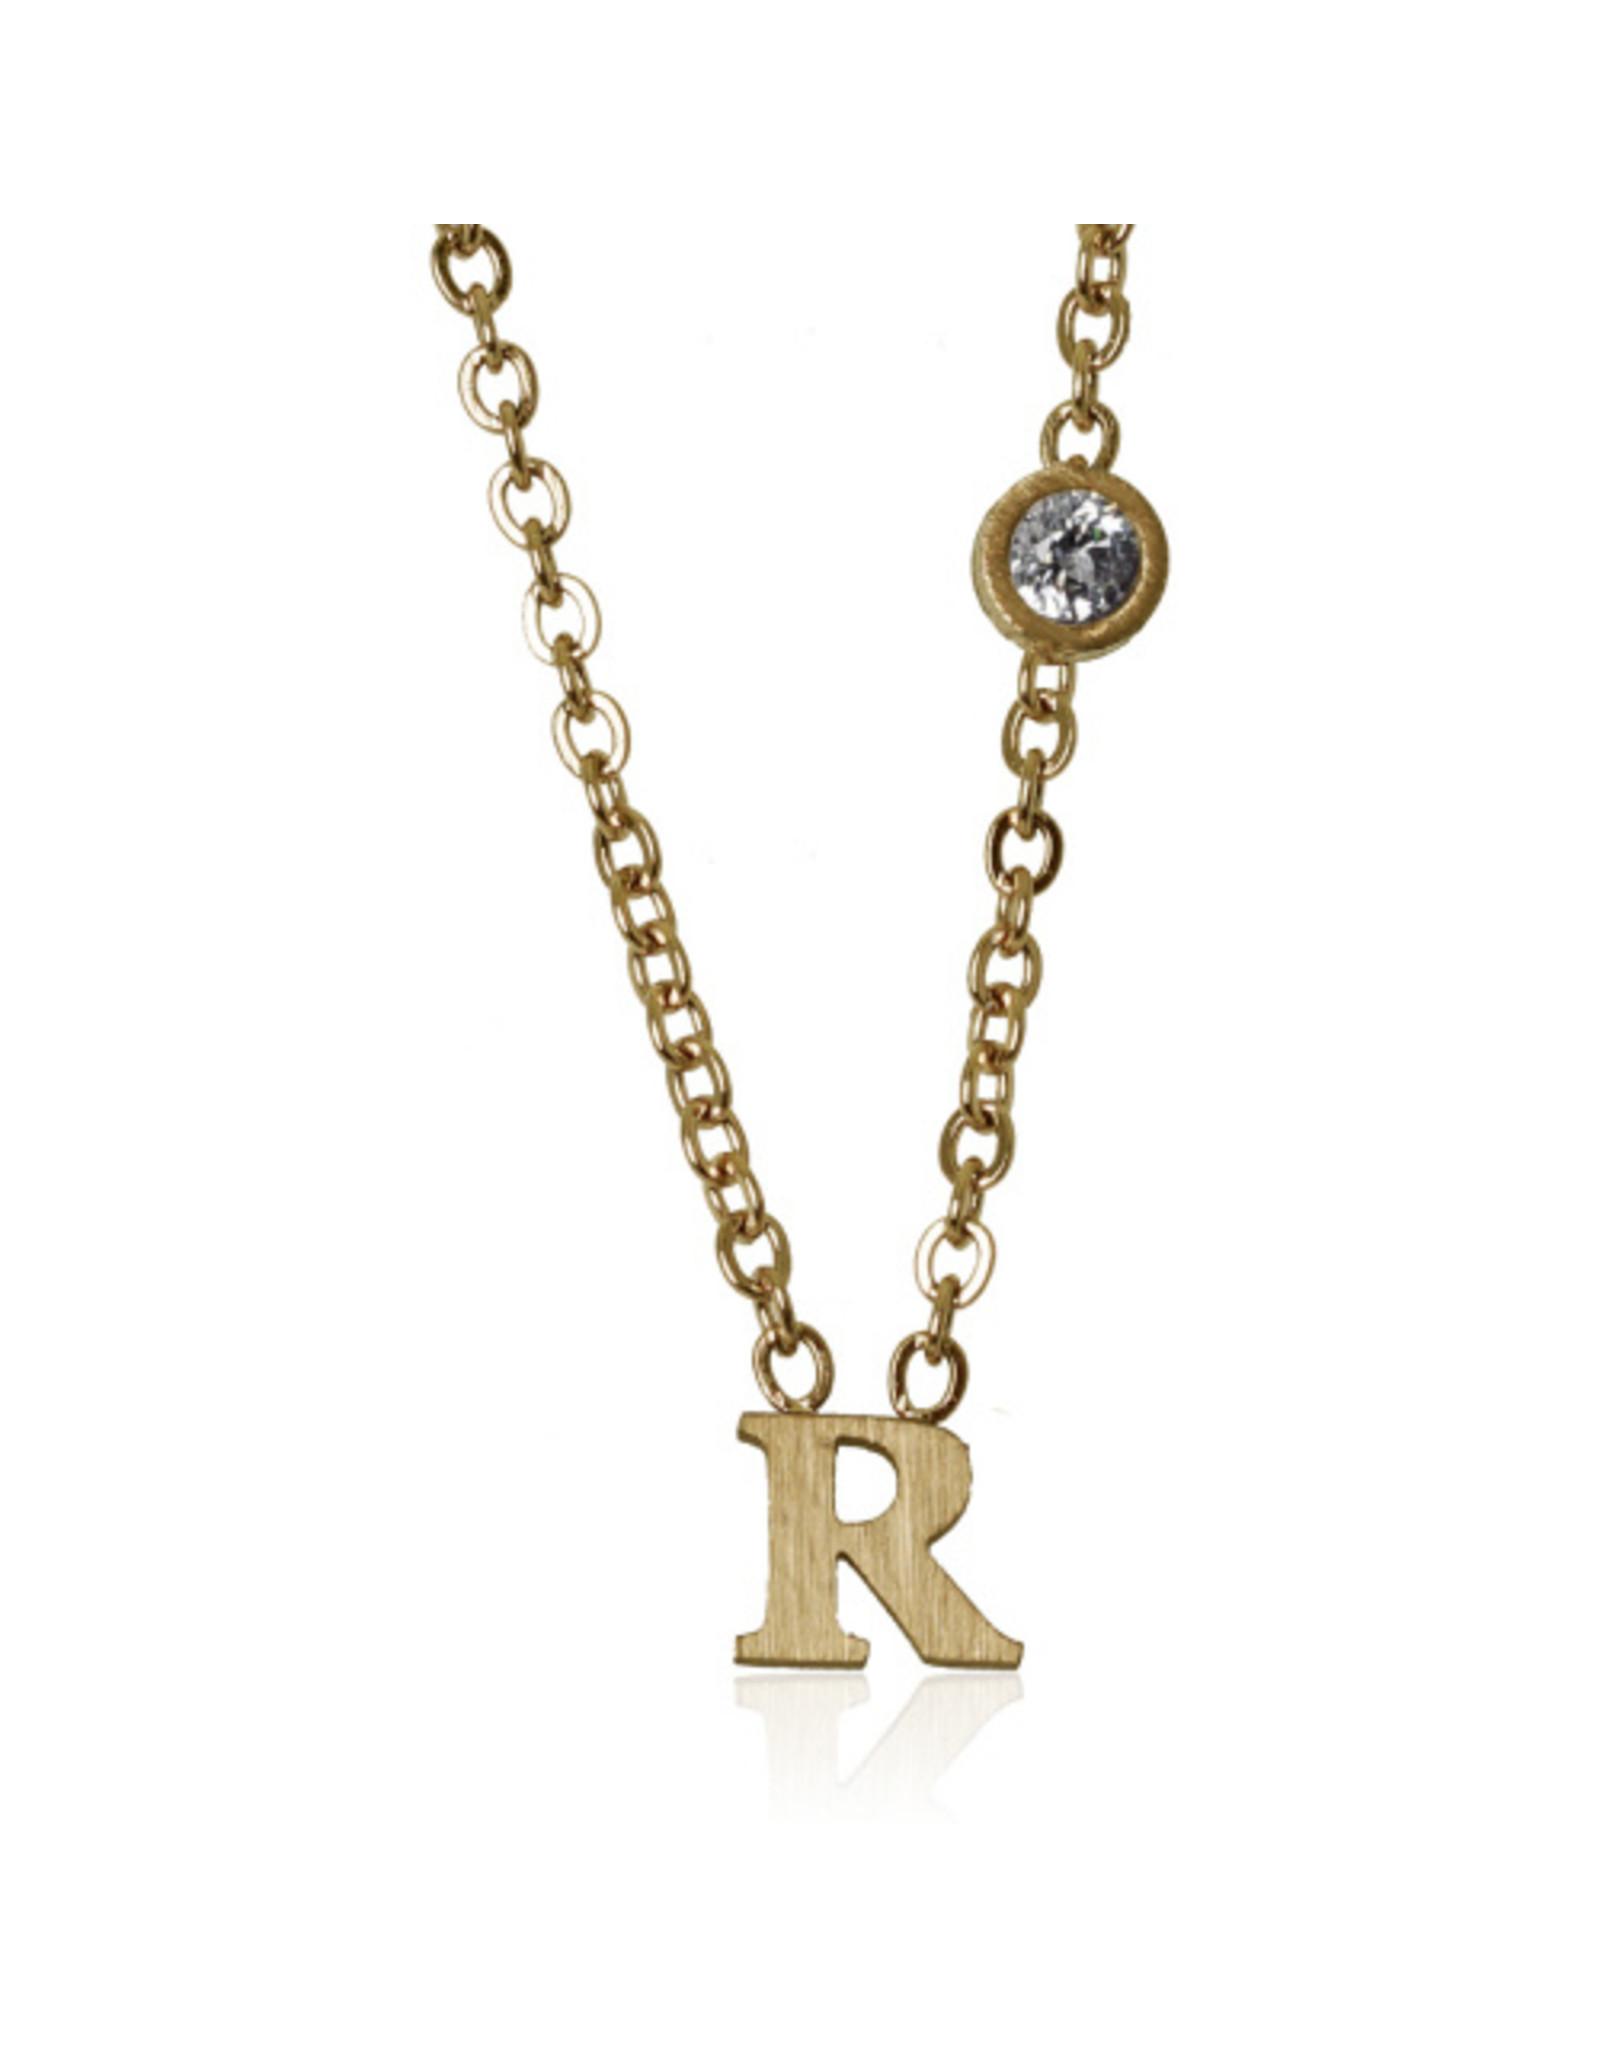 jj + rr Letter Necklace N to Z -